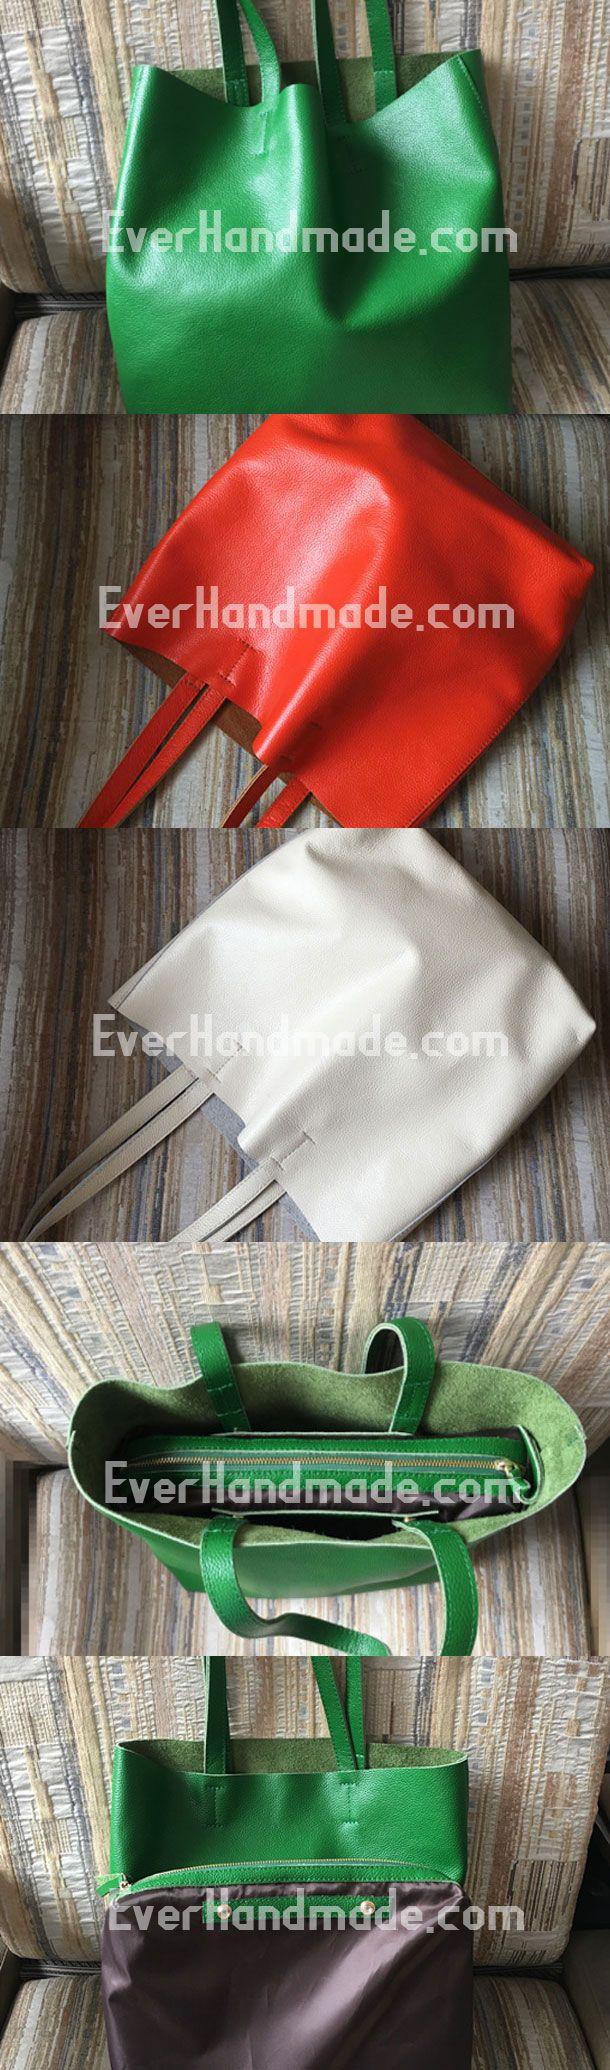 Genuine Leather Bag Handmade Tote Bag Shoulder Bag Handbag